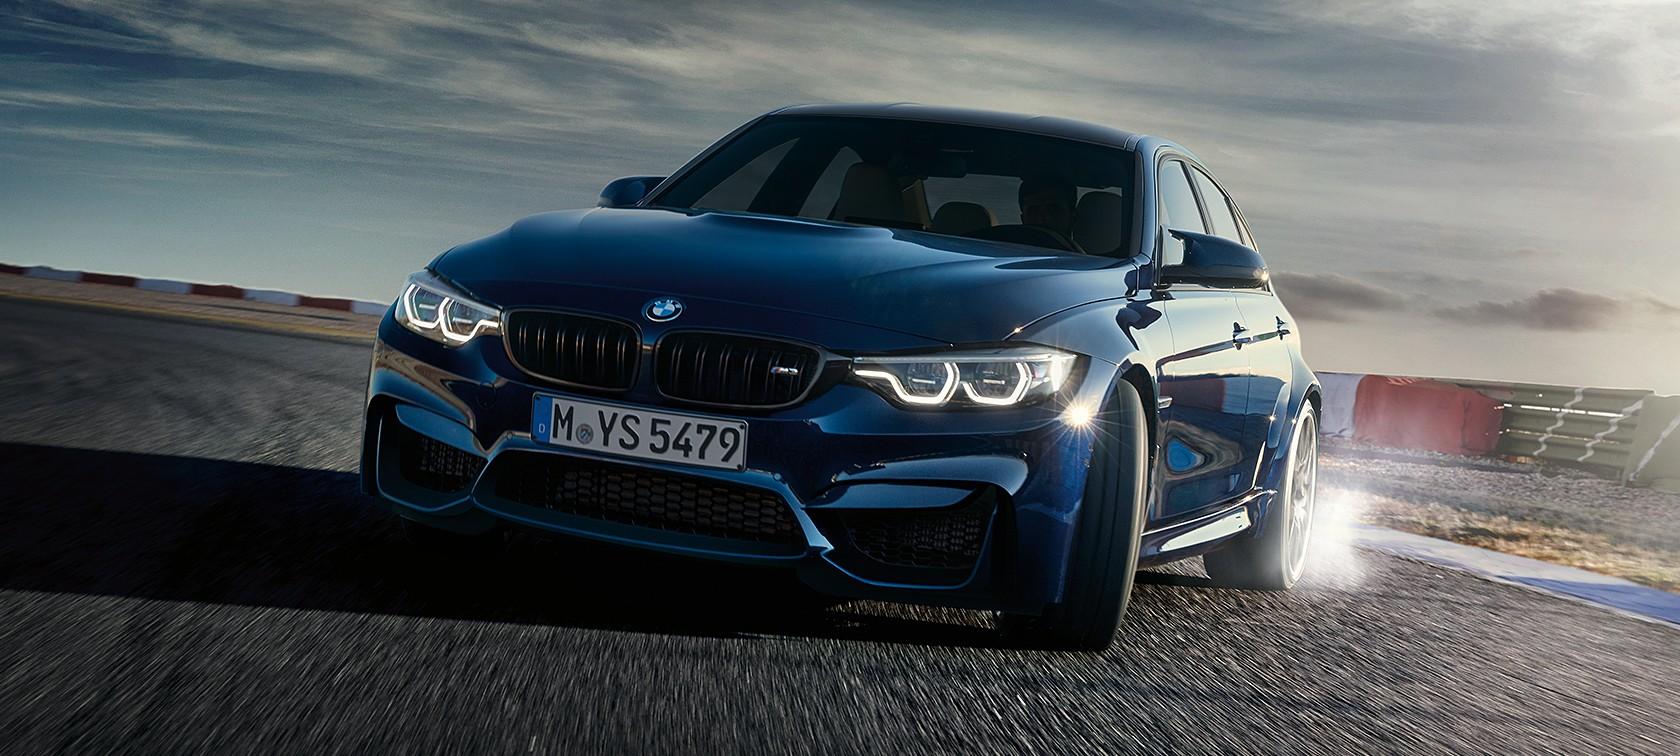 Sport Series bmw m3 hp BMW M3 Sedan | Sports performance car | BMW Canada